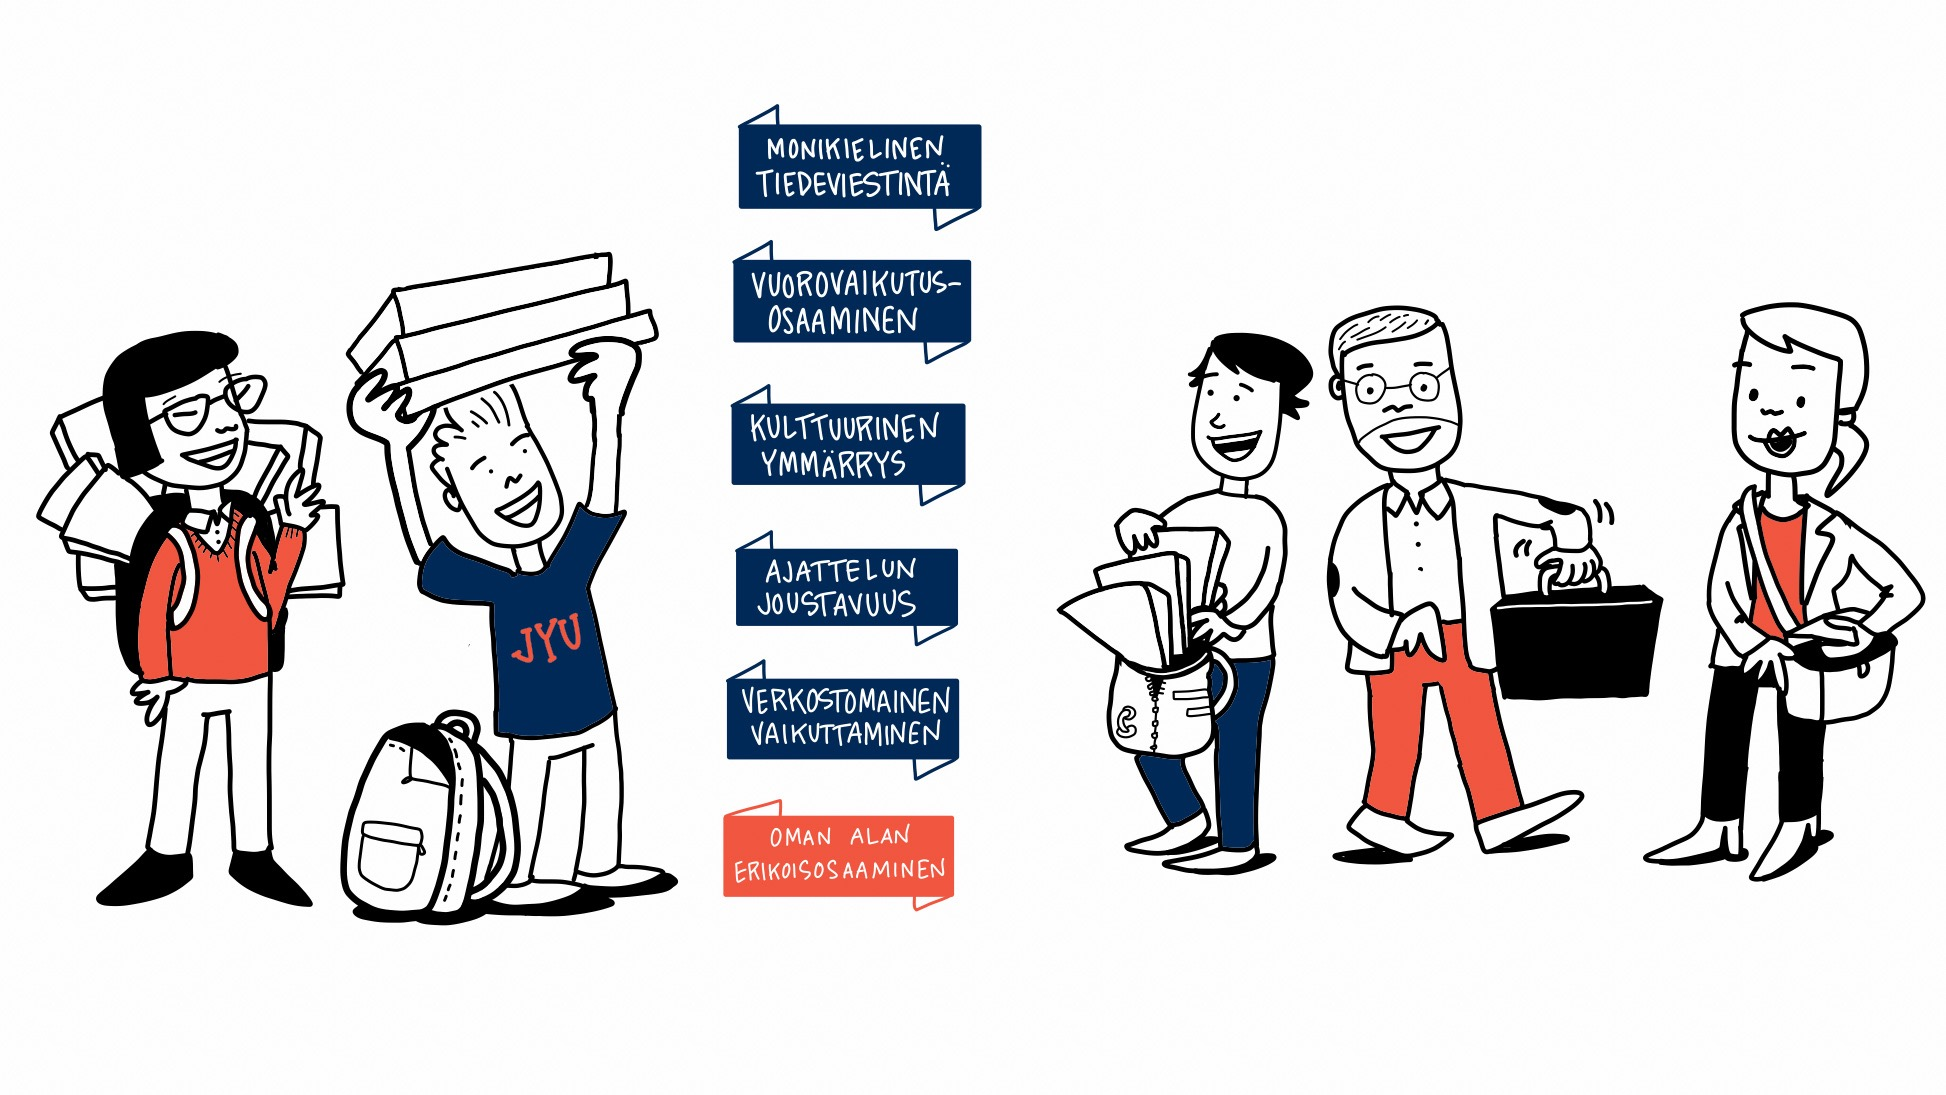 Mitä on akateeminen asiantuntijuus, kuva: Redanredan Oy